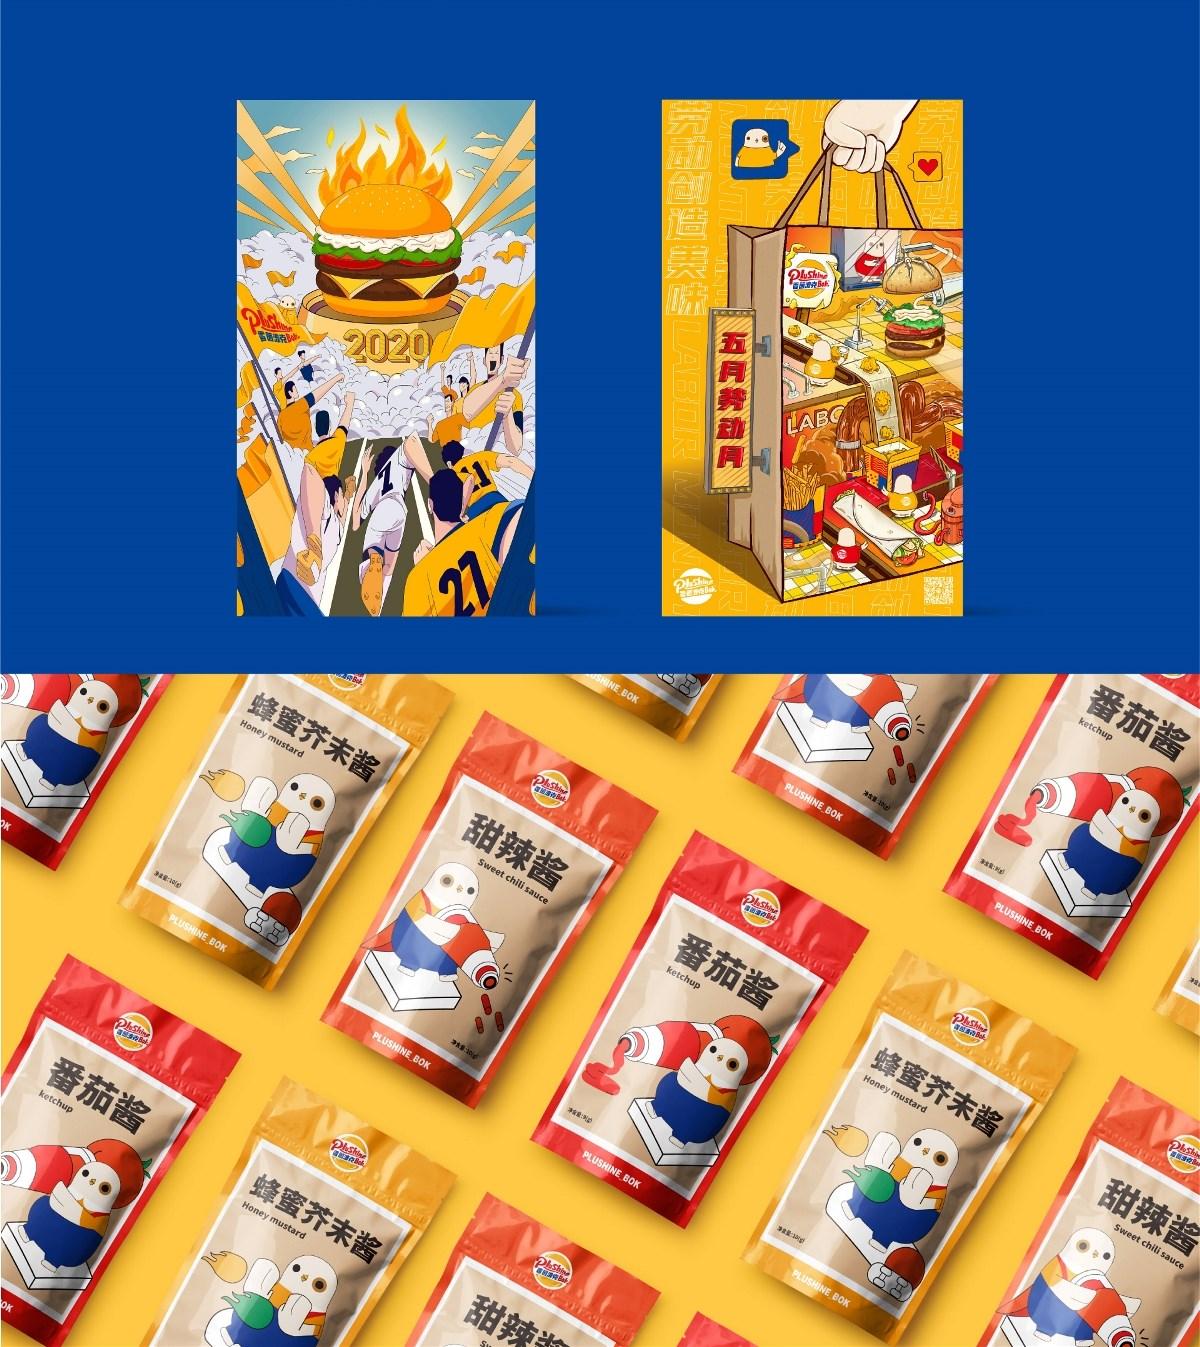 餐饮连锁香茵波克品牌设计全案